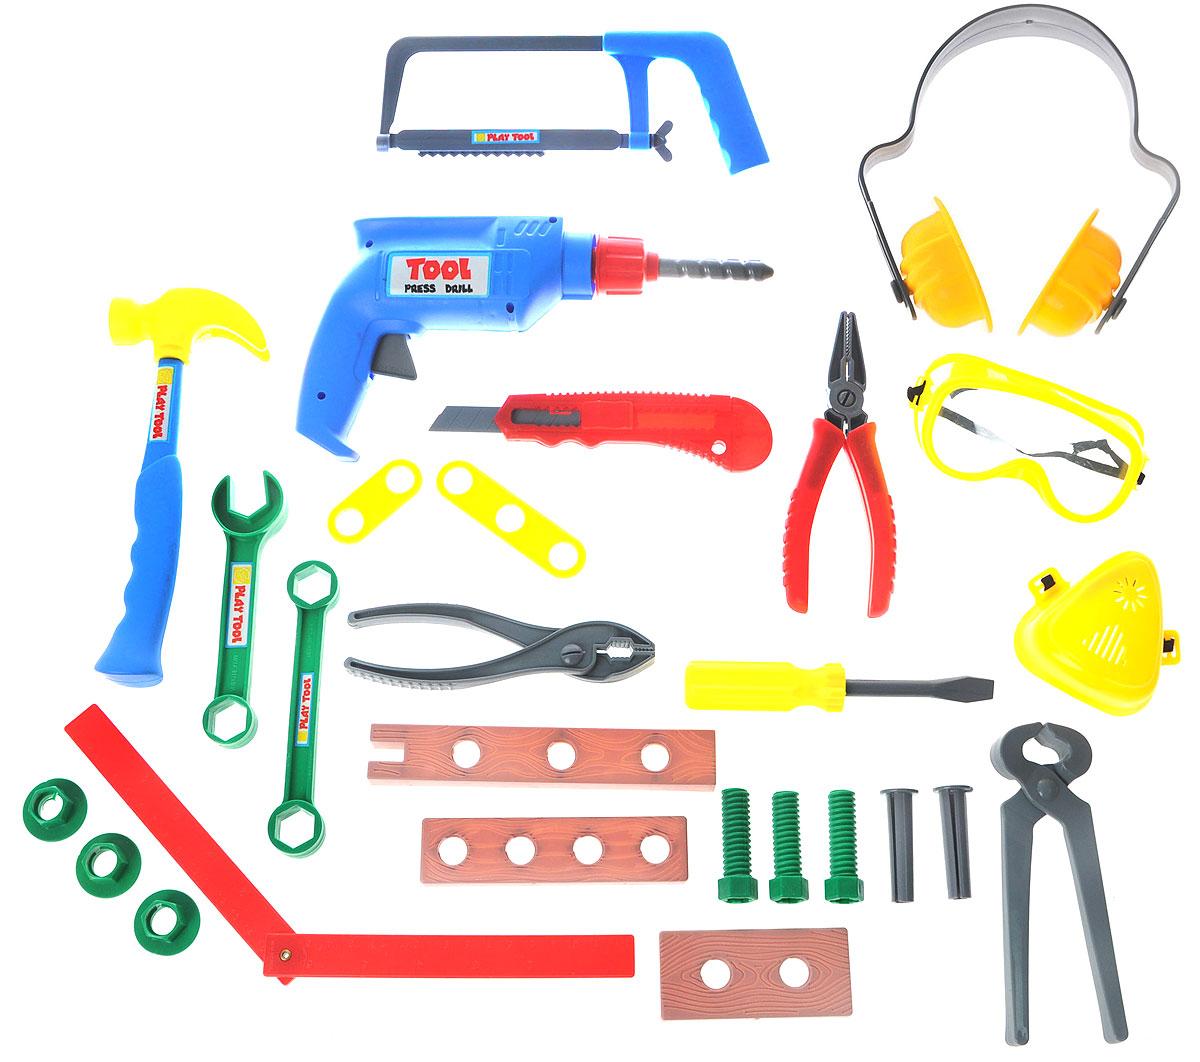 Altacto Игровой набор инструментов ГаражныйALT0202-020Игровой набор инструментов Altacto Гаражный станет отличным подарком для маленького мастера. В наборе имеется все, что может пригодиться юному строителю: инерционная дрель, ножовка, молоток, 2 гаечных ключа, нож, плоскогубцы, защитные наушники, очки, респиратор, клещи, кусачки, отвертка, угольник, доски, скобяные изделия. Малыш сможет отремонтировать игрушки и устранить все неисправности в доме, помогая папе. Игры с этим набором способствуют развитию воображения и познавательного мышления. Все изделия набора изготовлены из нетоксичного и качественного материала.